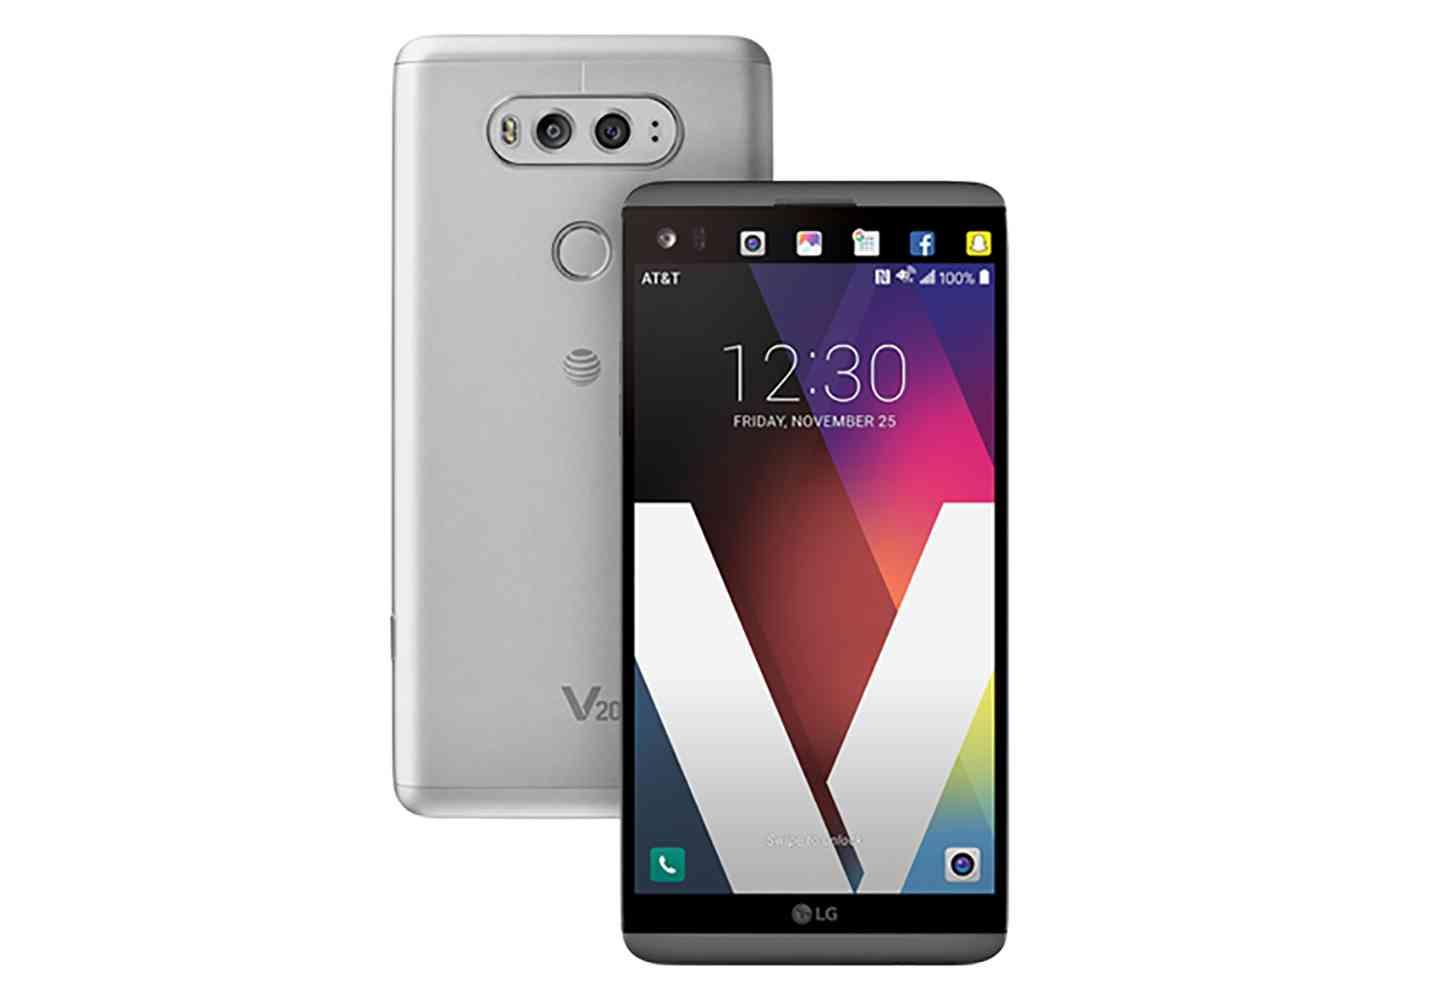 AT&T LG V20 official branding